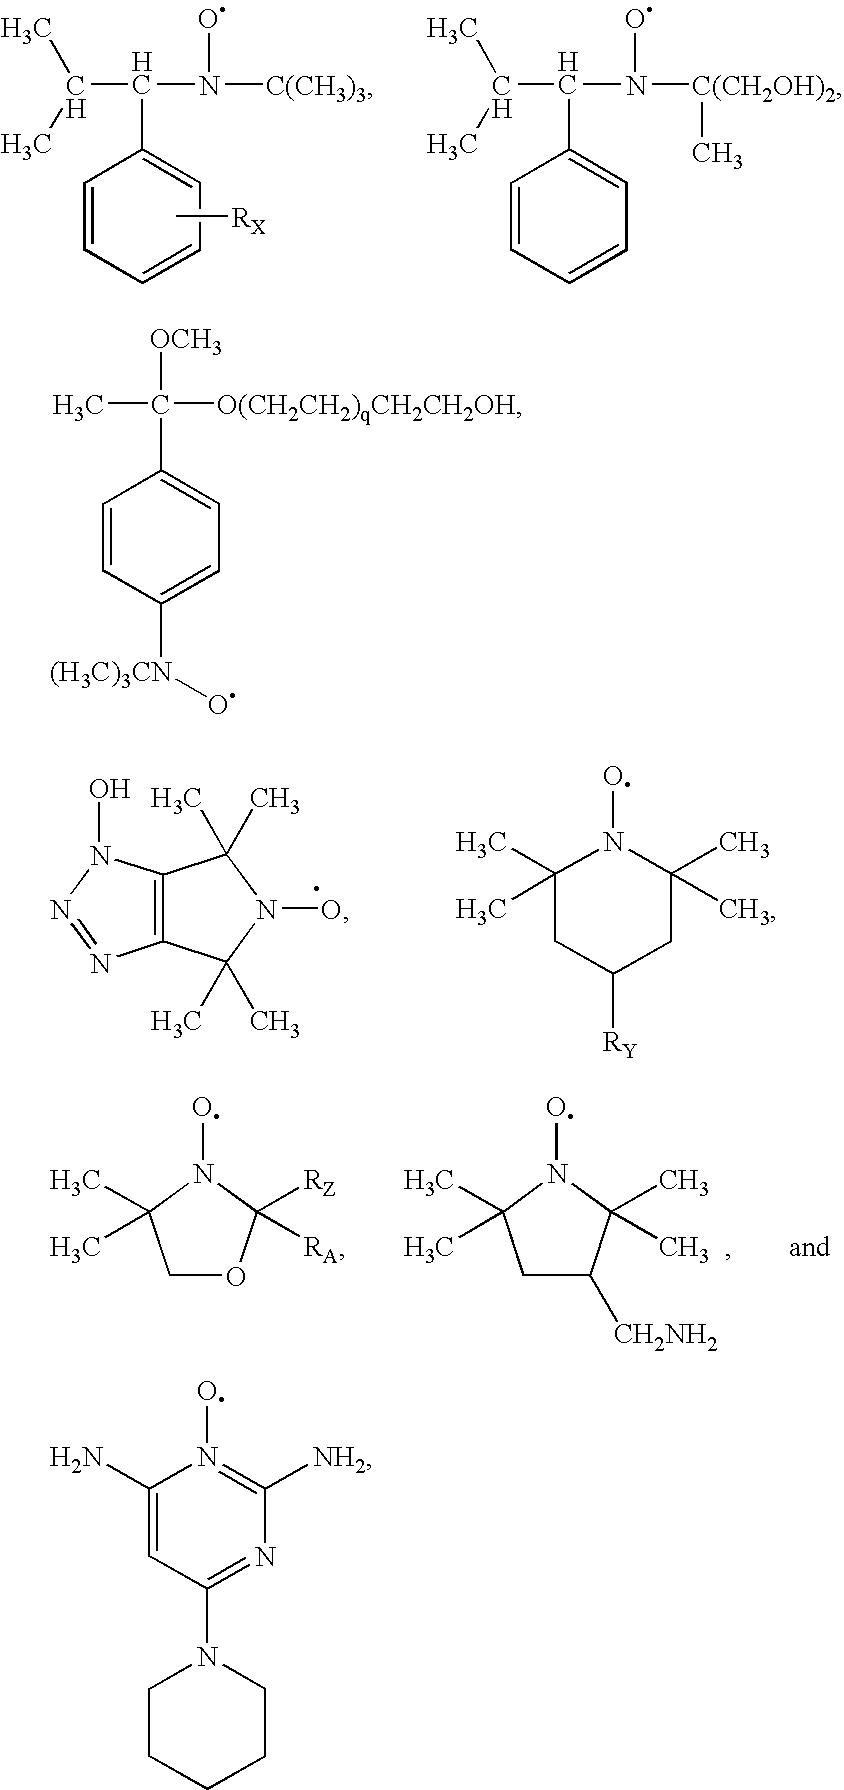 Figure US20080014245A1-20080117-C00029